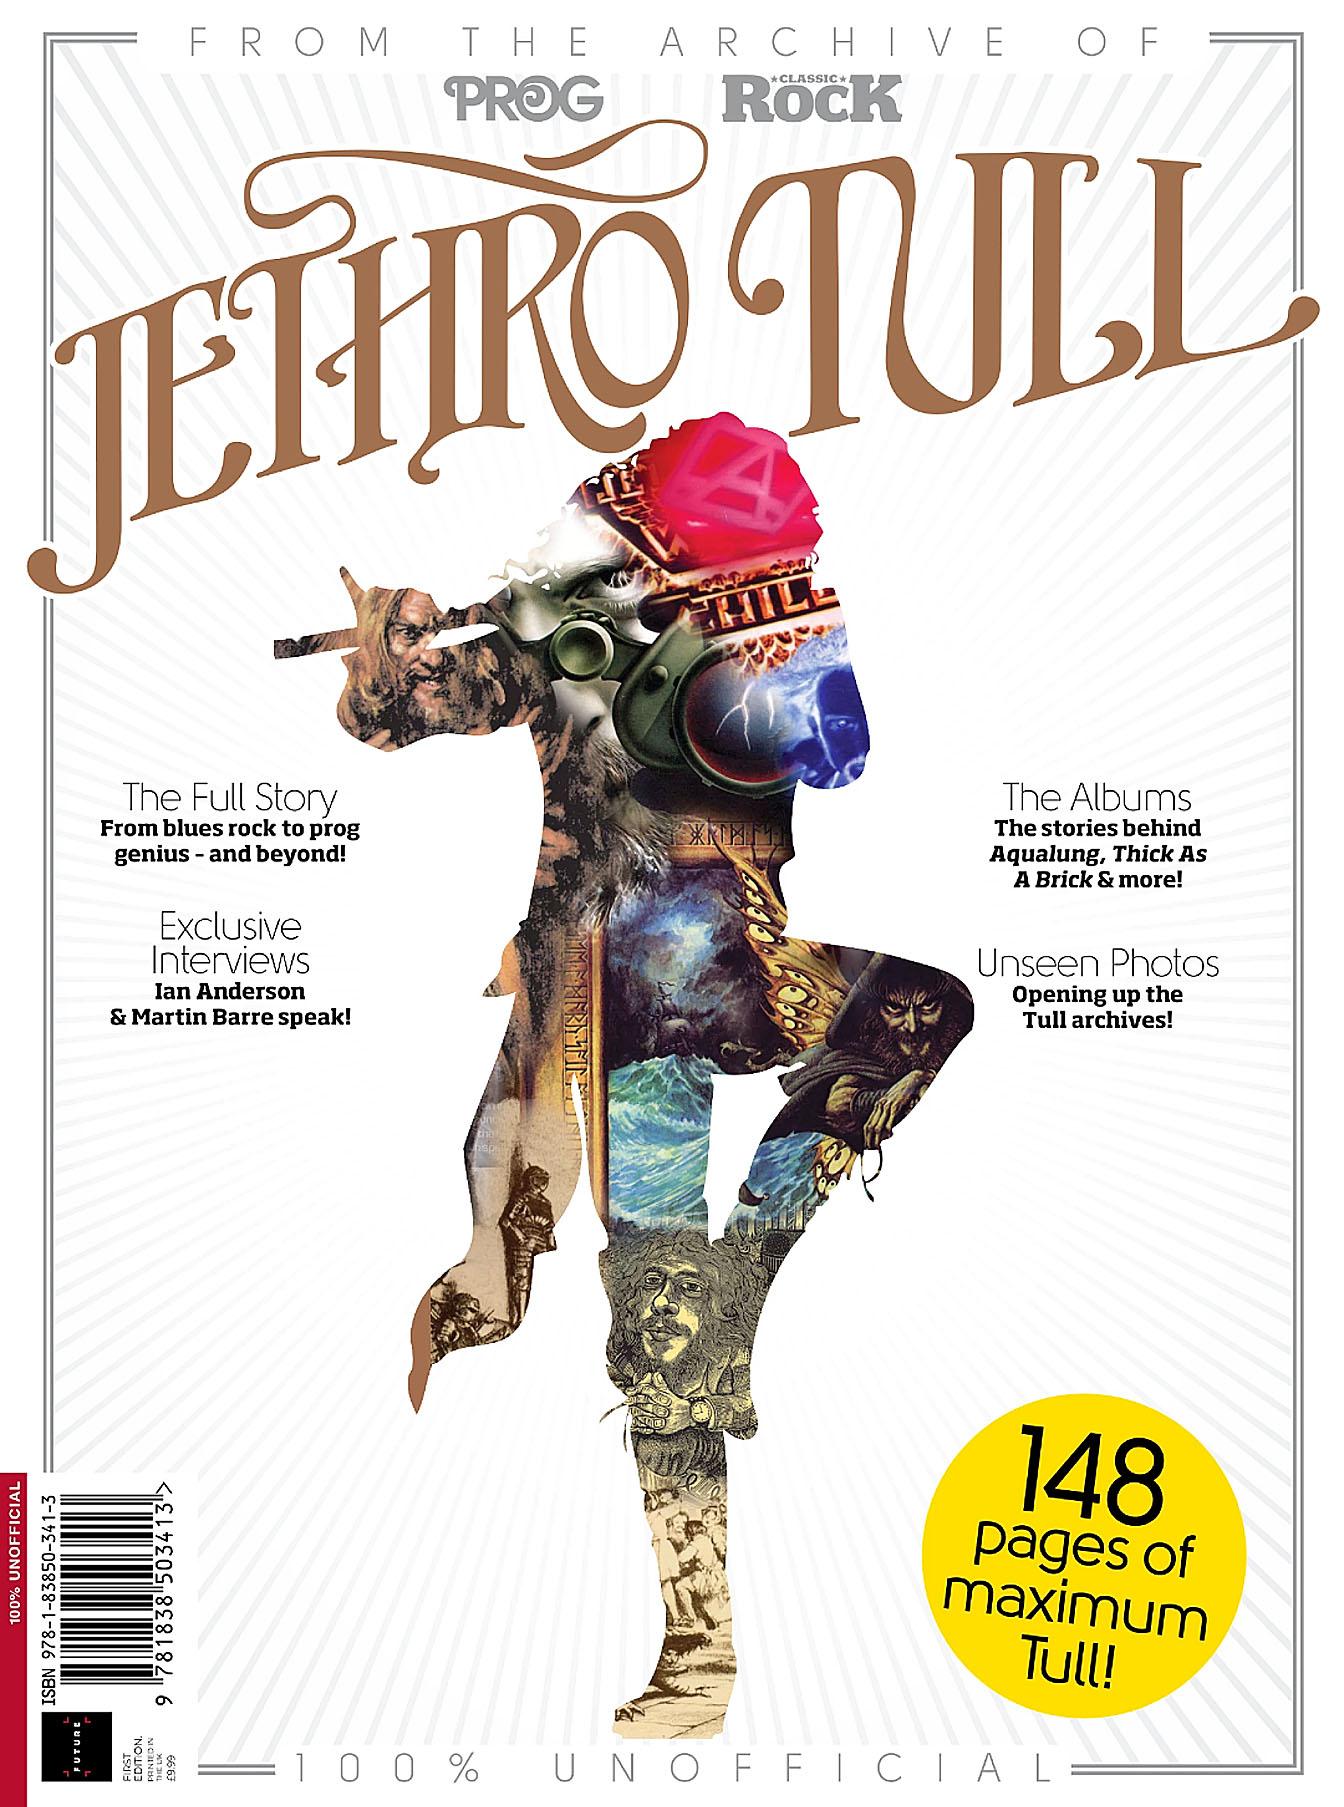 Prog Rock - Jethro Tull 1st Ed 2019001.jpg